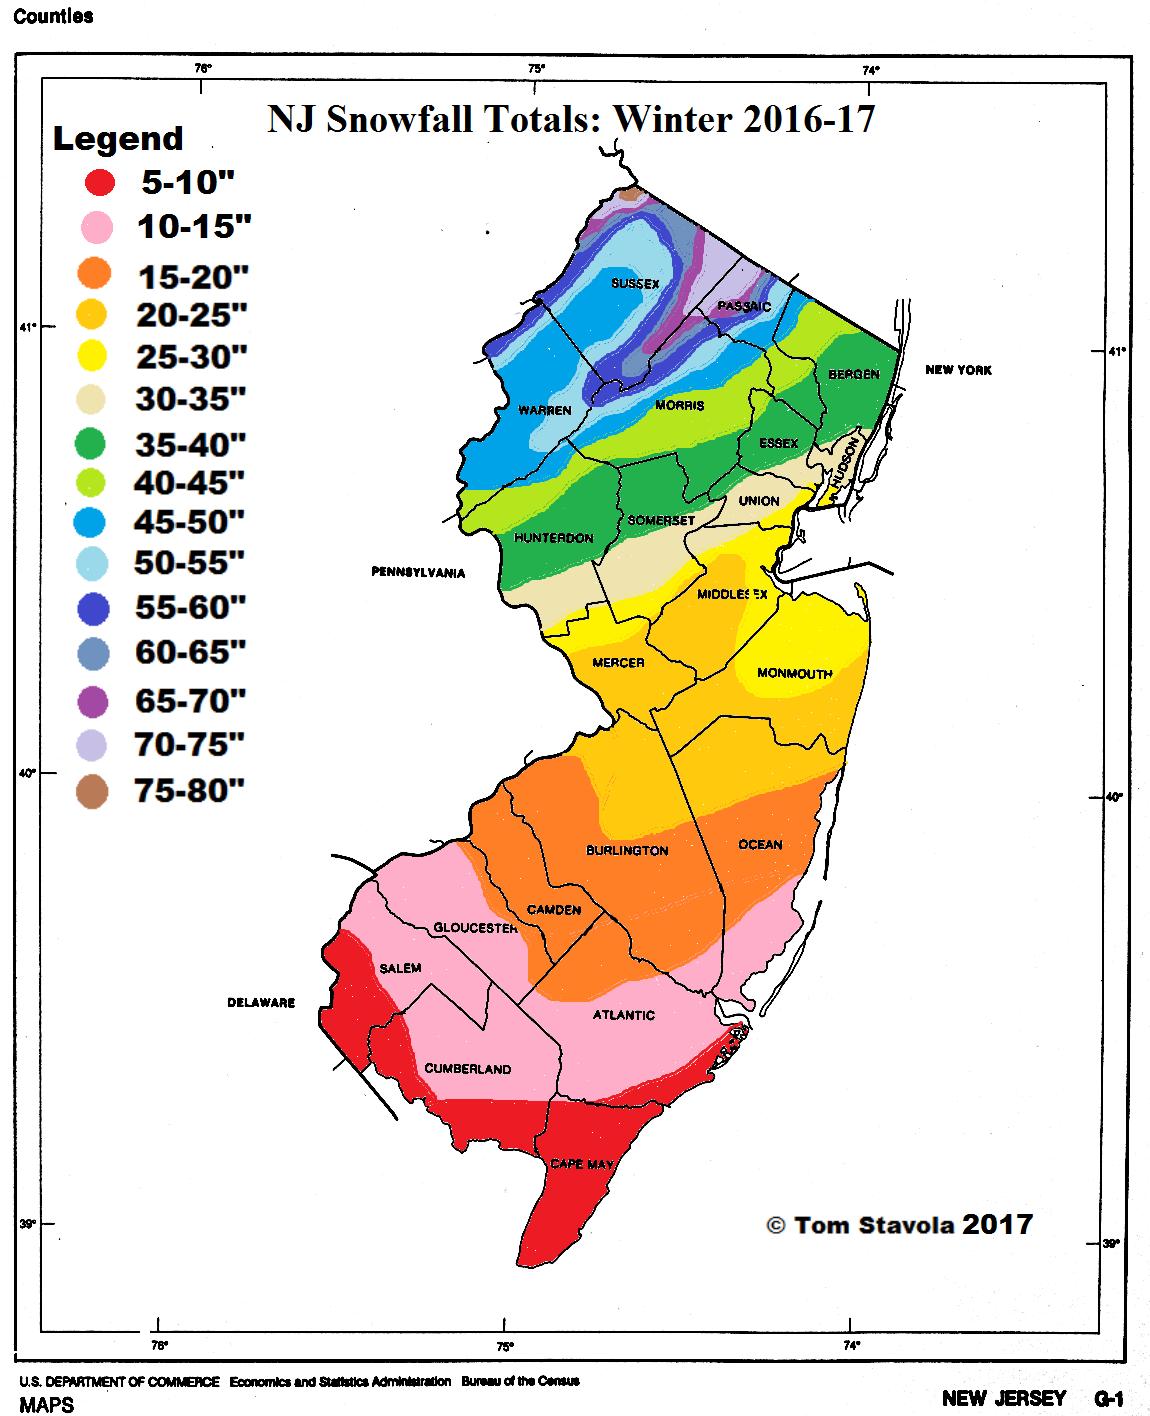 NJ Snowfall Totals 2016-17